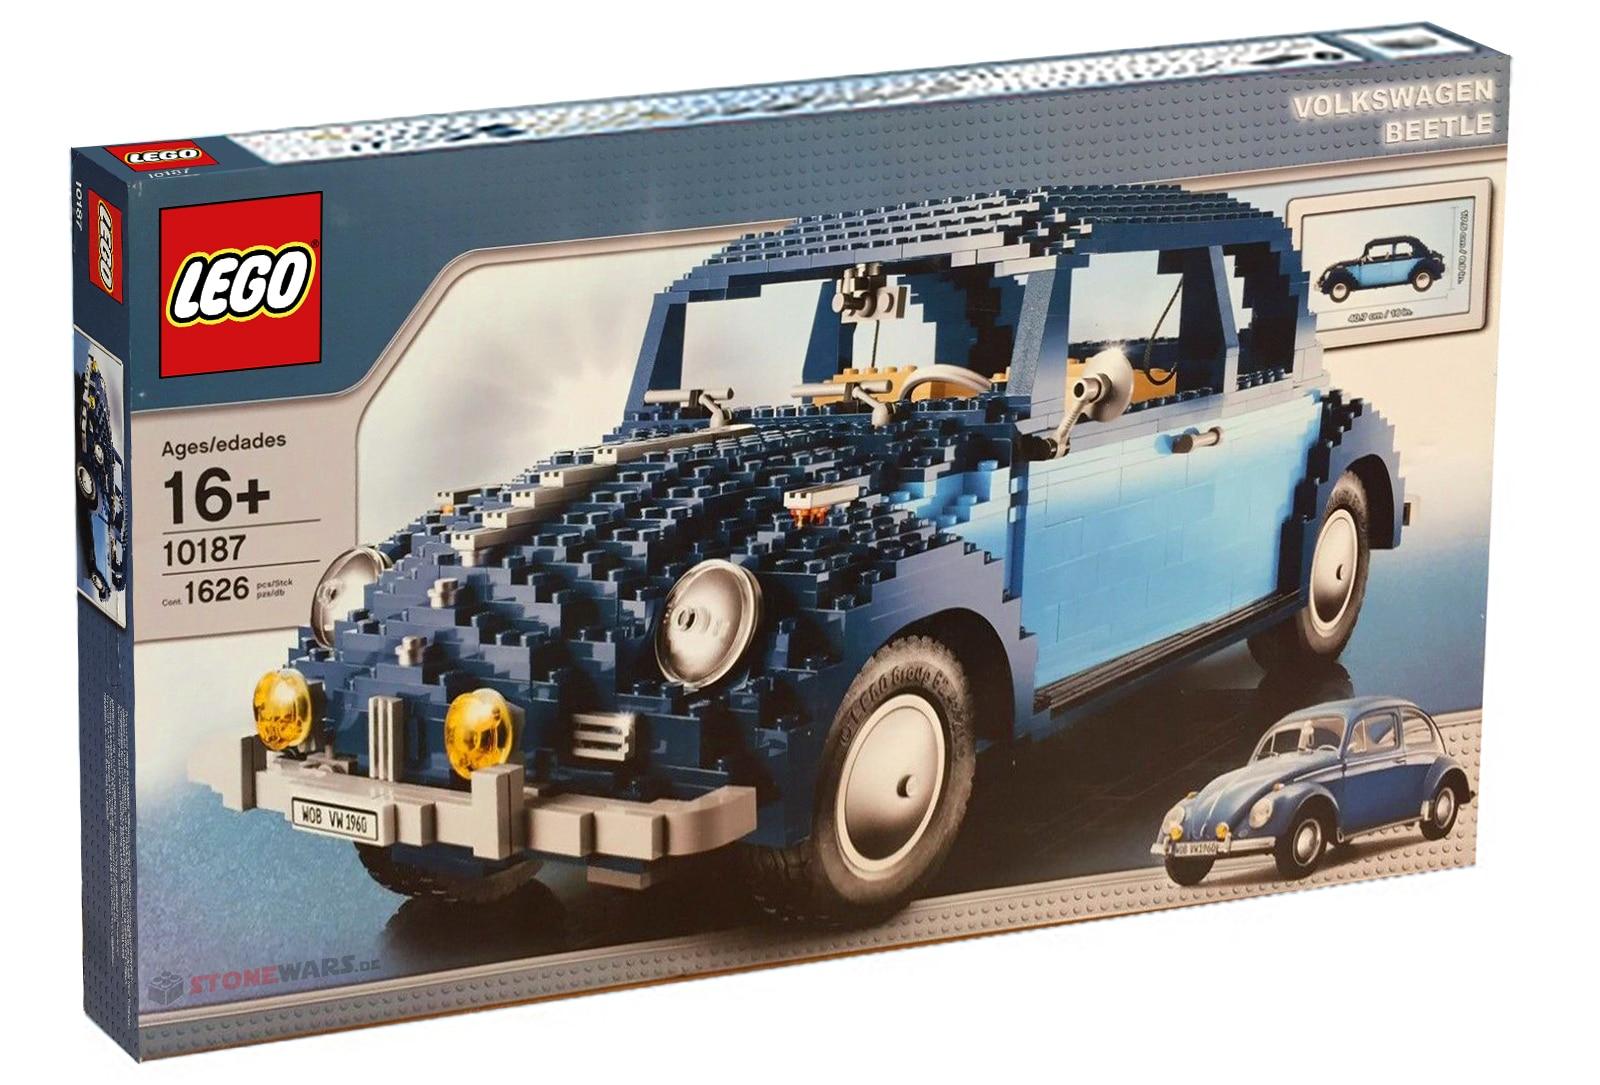 LEGO 10187 VW Beetle